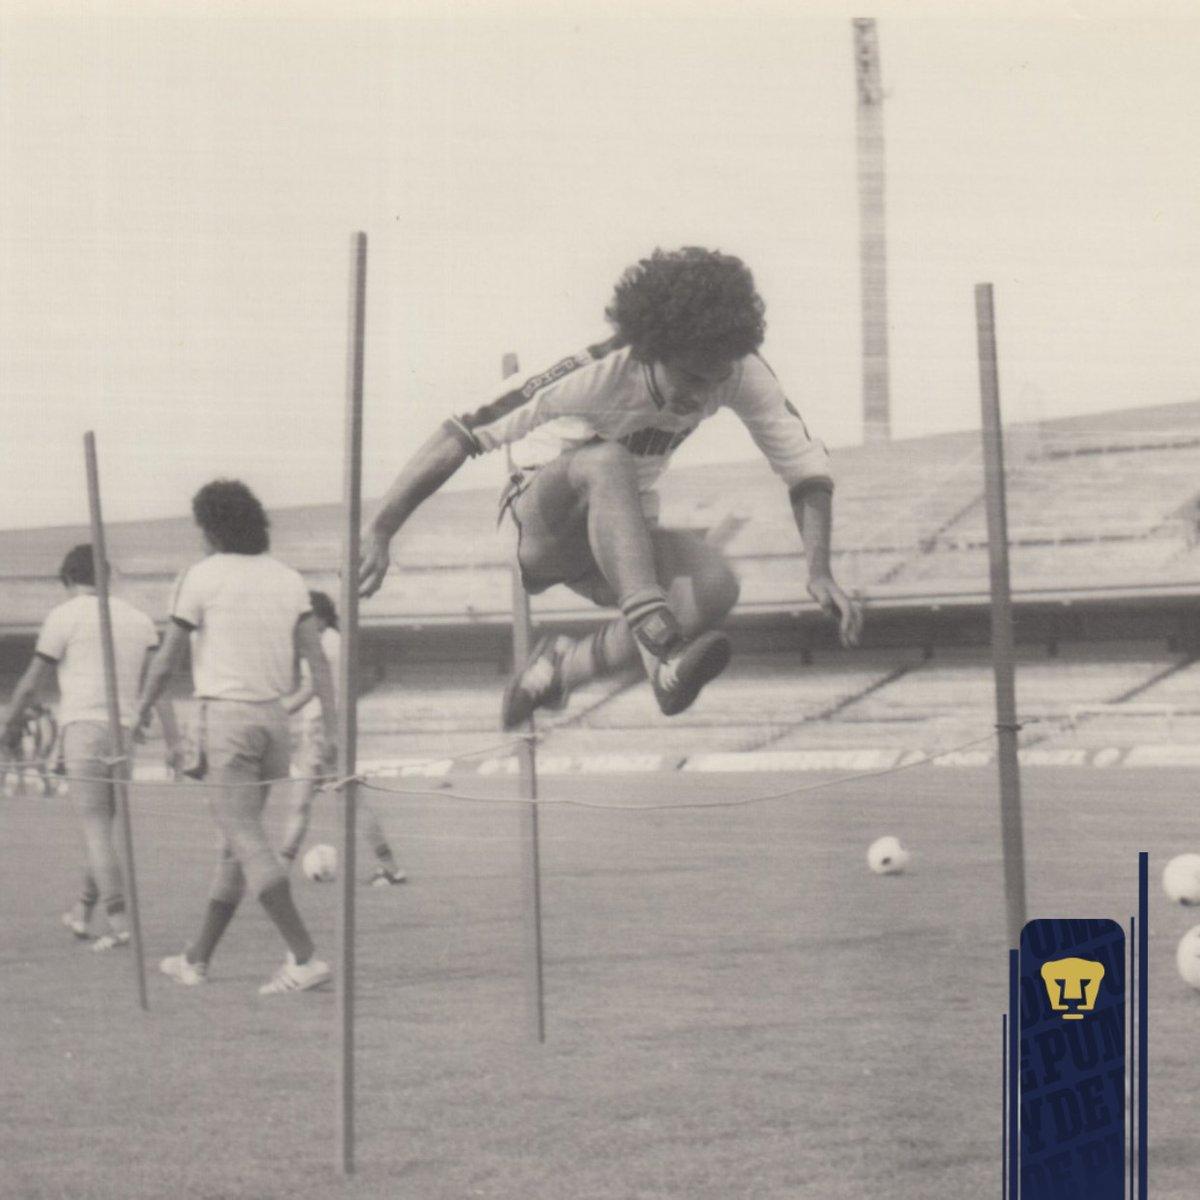 ¡El primer capítulo en la historia del 'Niño de Oro'! 👦🏻🥇  El 23 de octubre de 1976, @hugosanchez_9 jugó su primer partido en el futbol profesional, entrando de cambio por Cándido en el Universitario de San Nicolás ante Tigres.  El resto del cuento ya se lo saben 😎  #SoyDePumas https://t.co/hyWKik6Tms